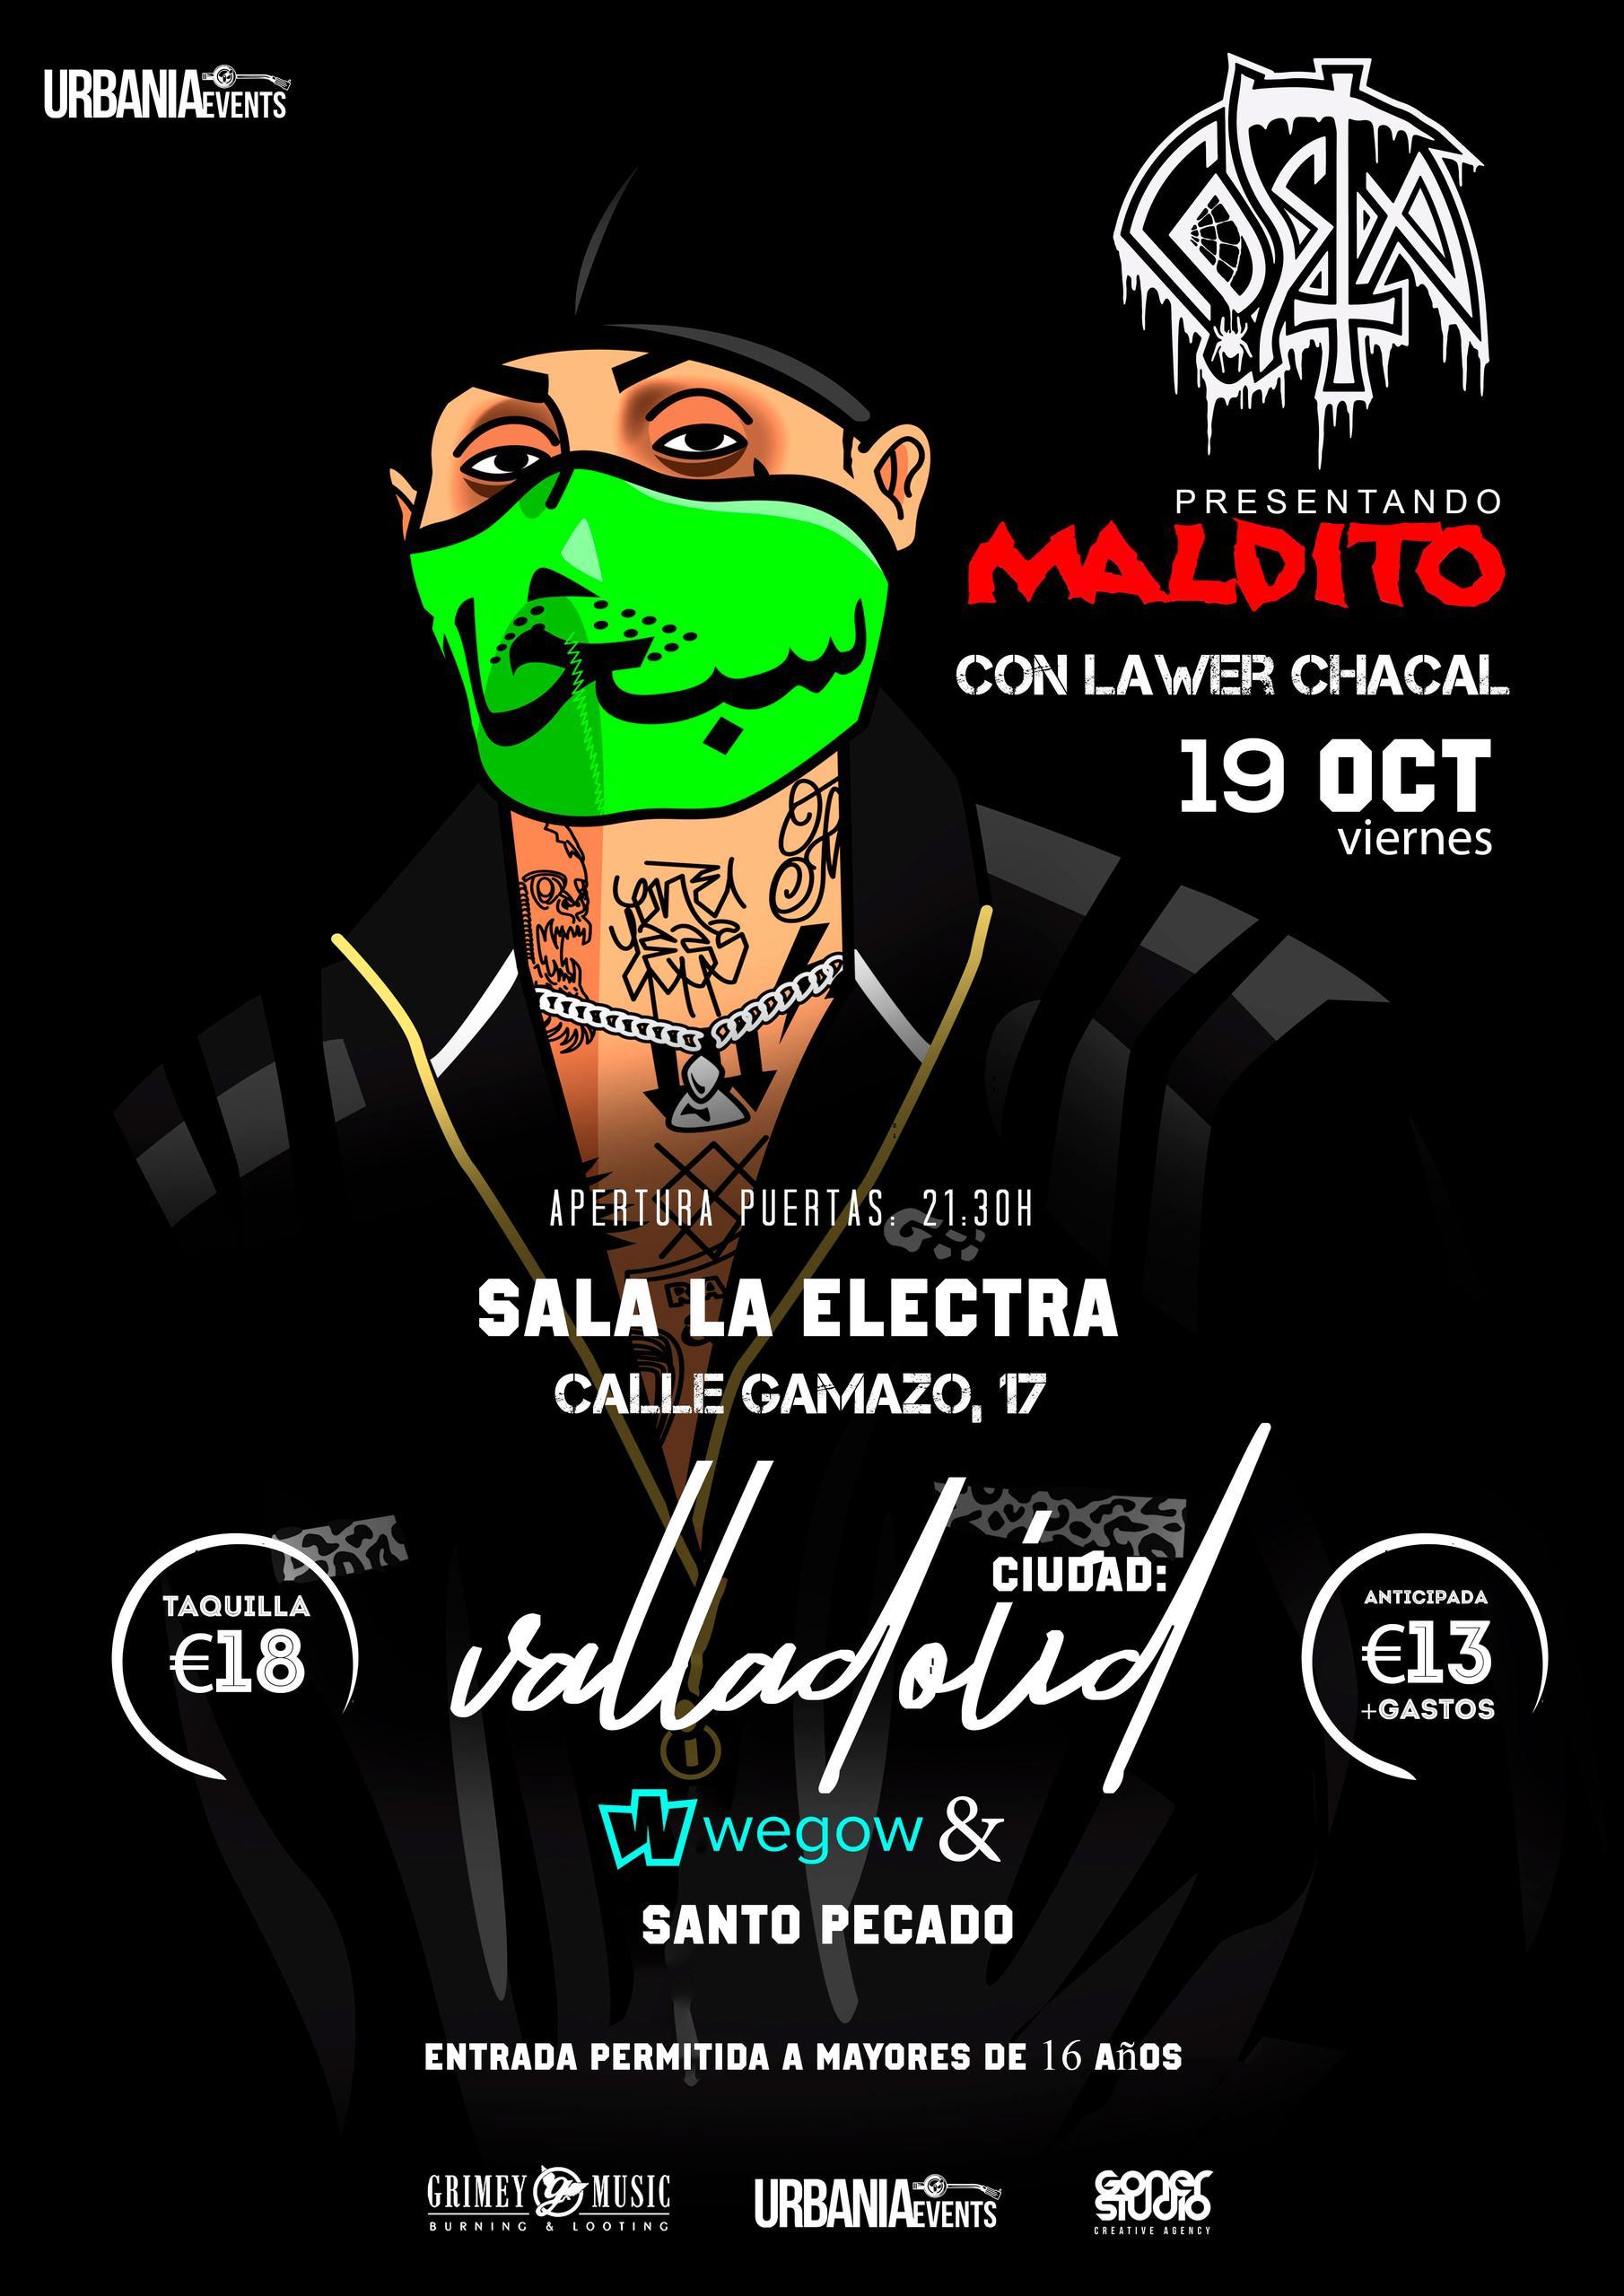 Concierto de Costa en la Sala Electra (Valladolid) el Viernes 19 de Octubre